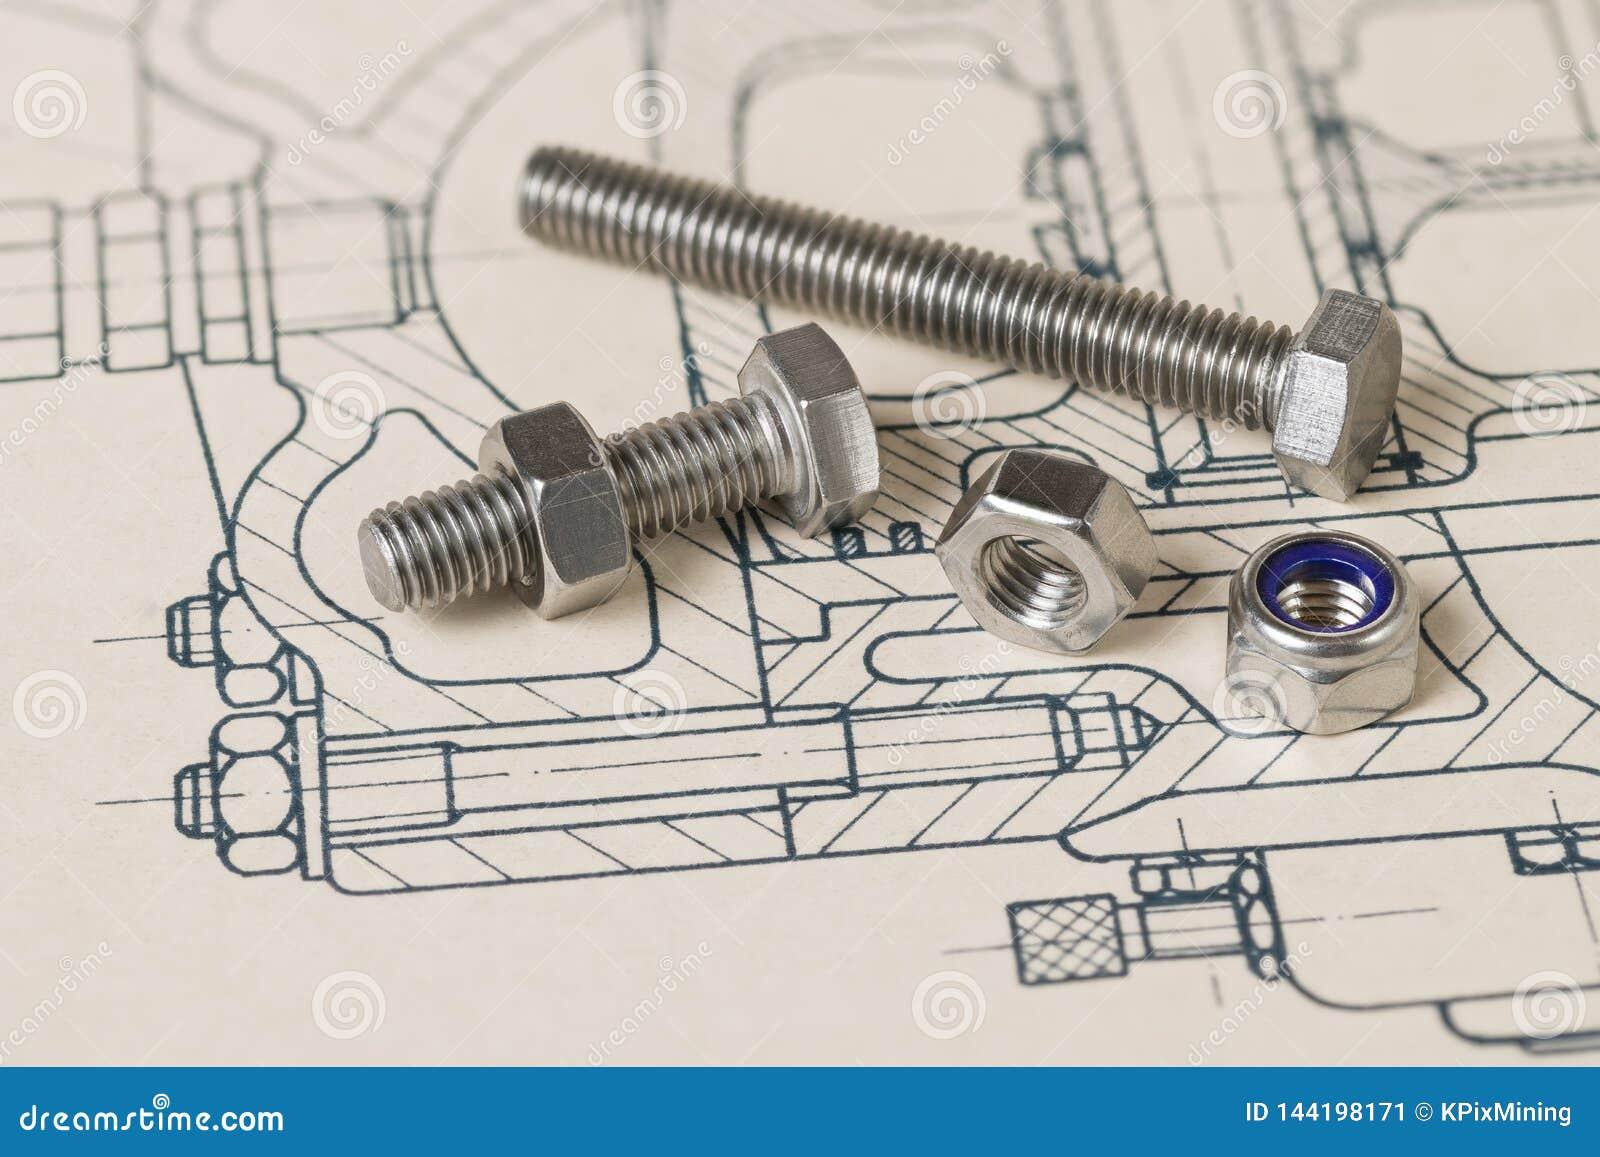 Metallbultar Tokig grupp Teckning Teknisk skissning Stålskruvar